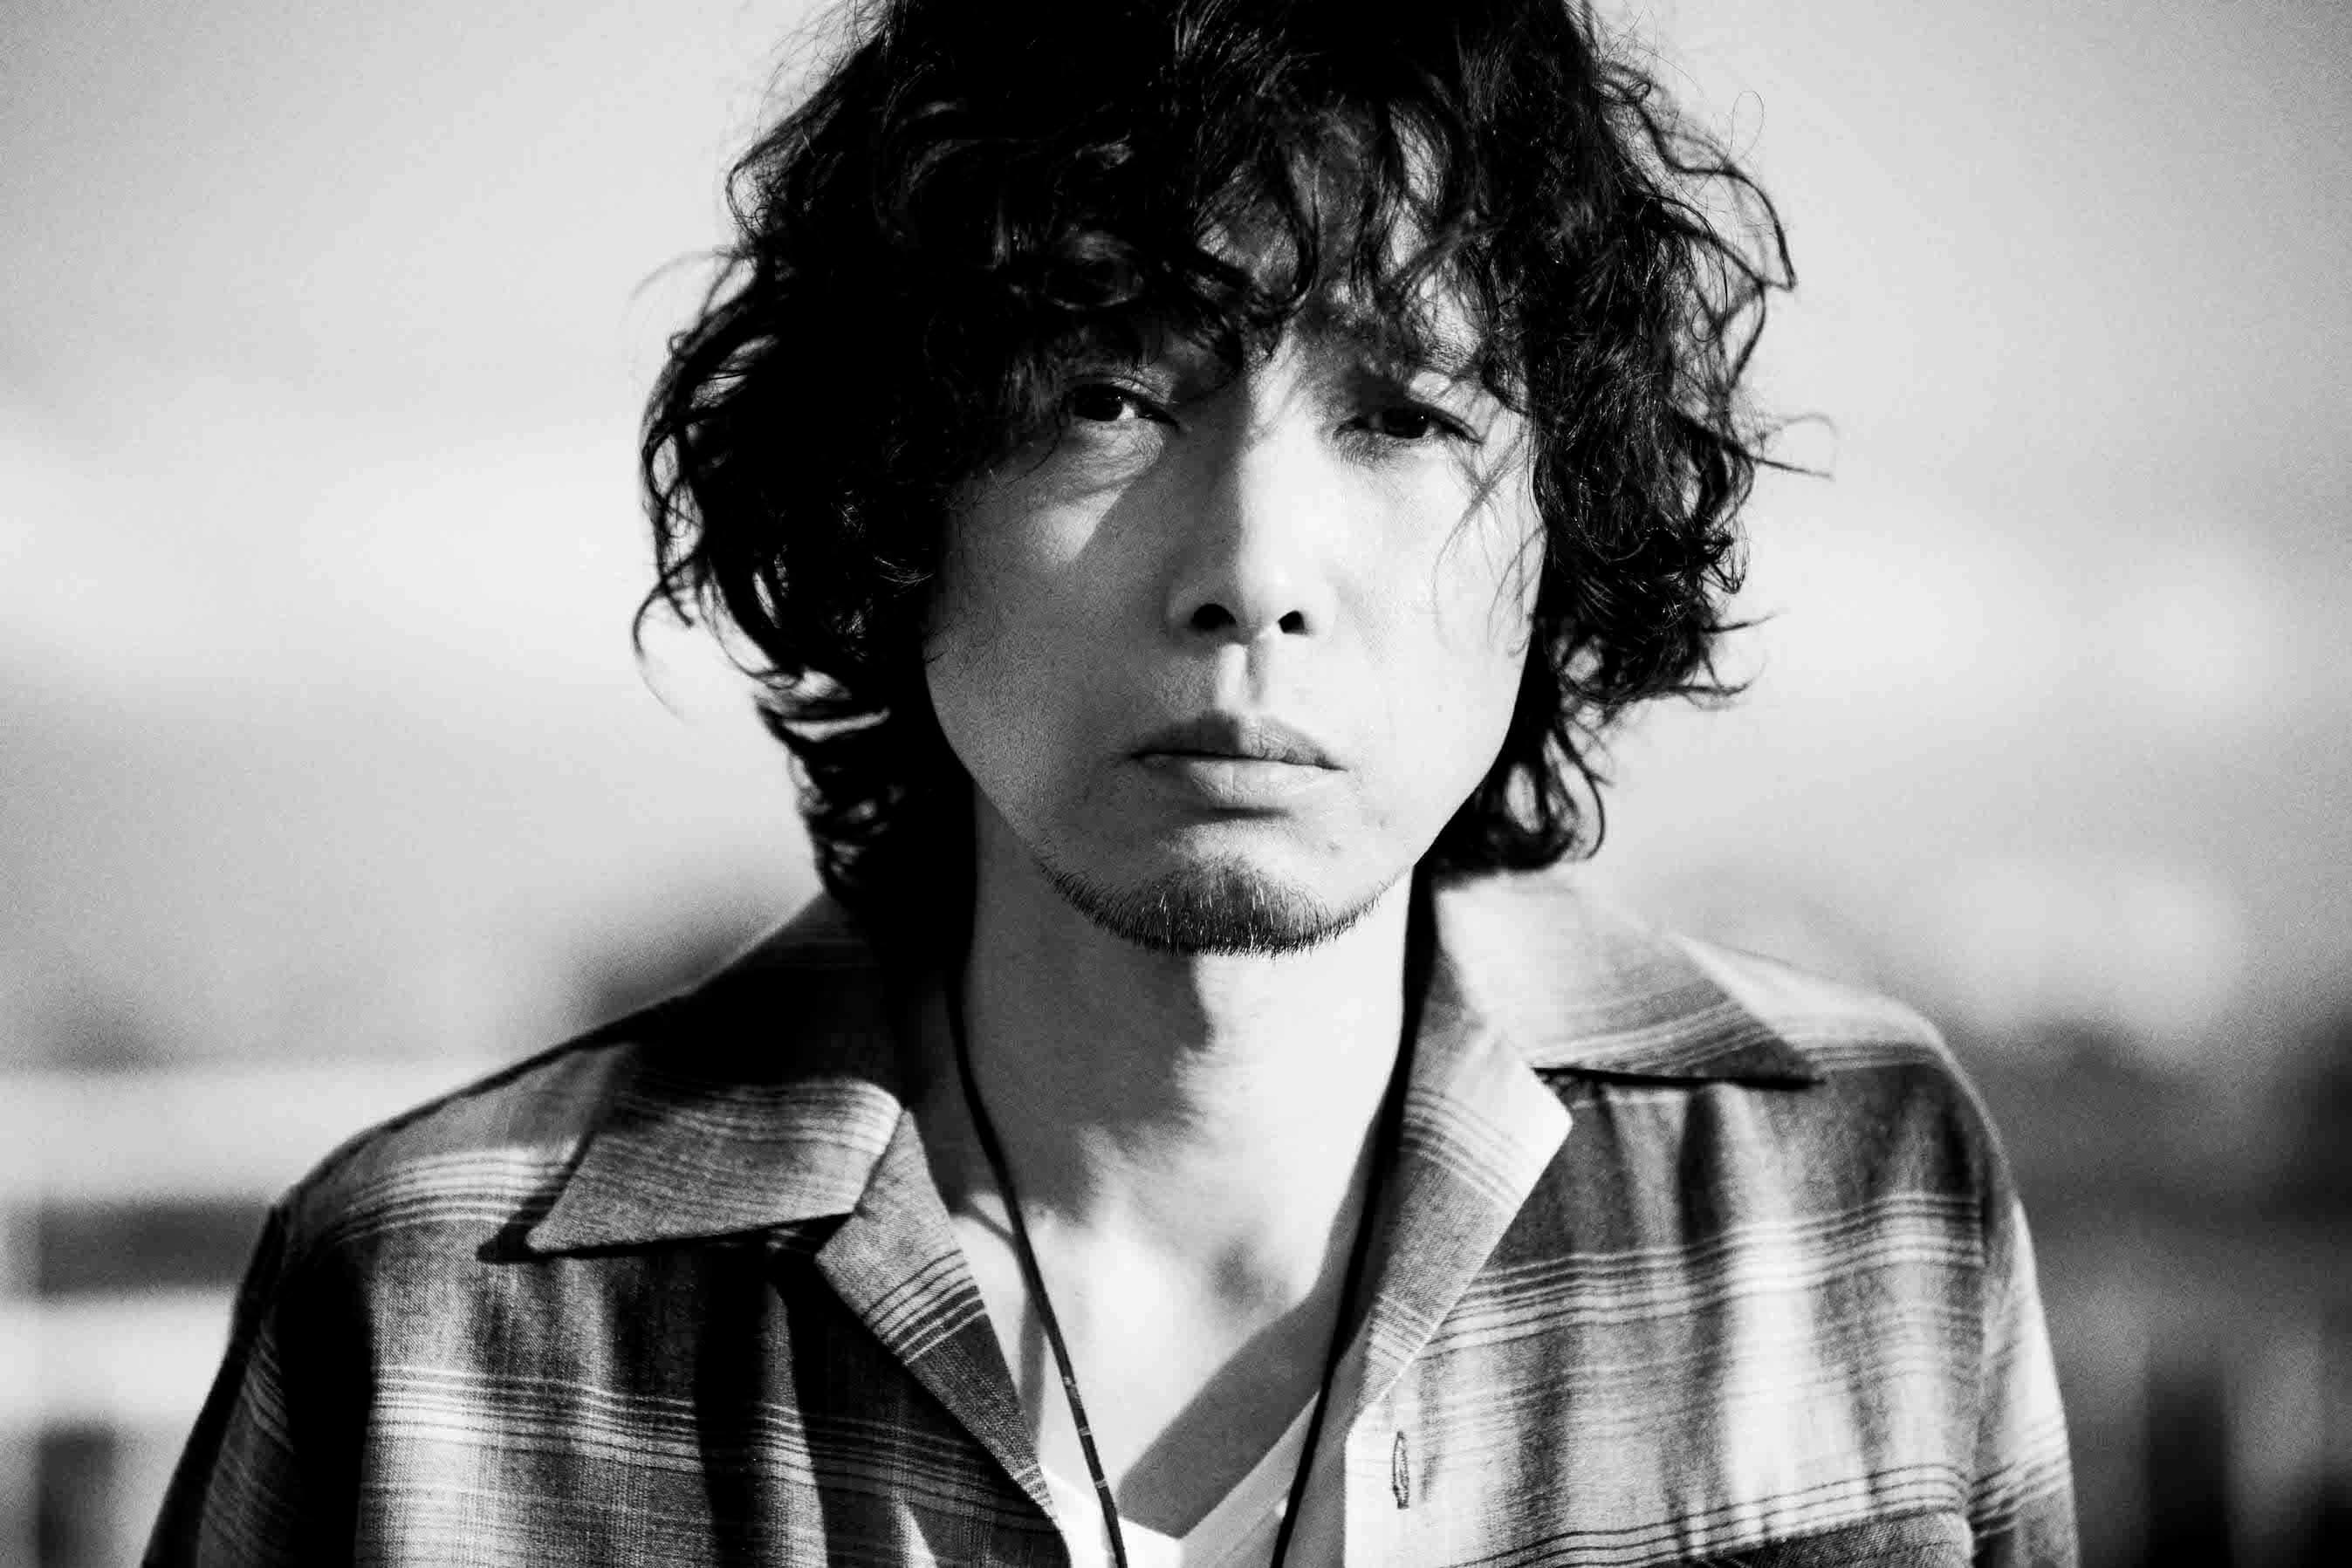 斉藤和義、新曲「アレ」 北川景子主演ドラマ主題歌、1月4日より先行配信スタート